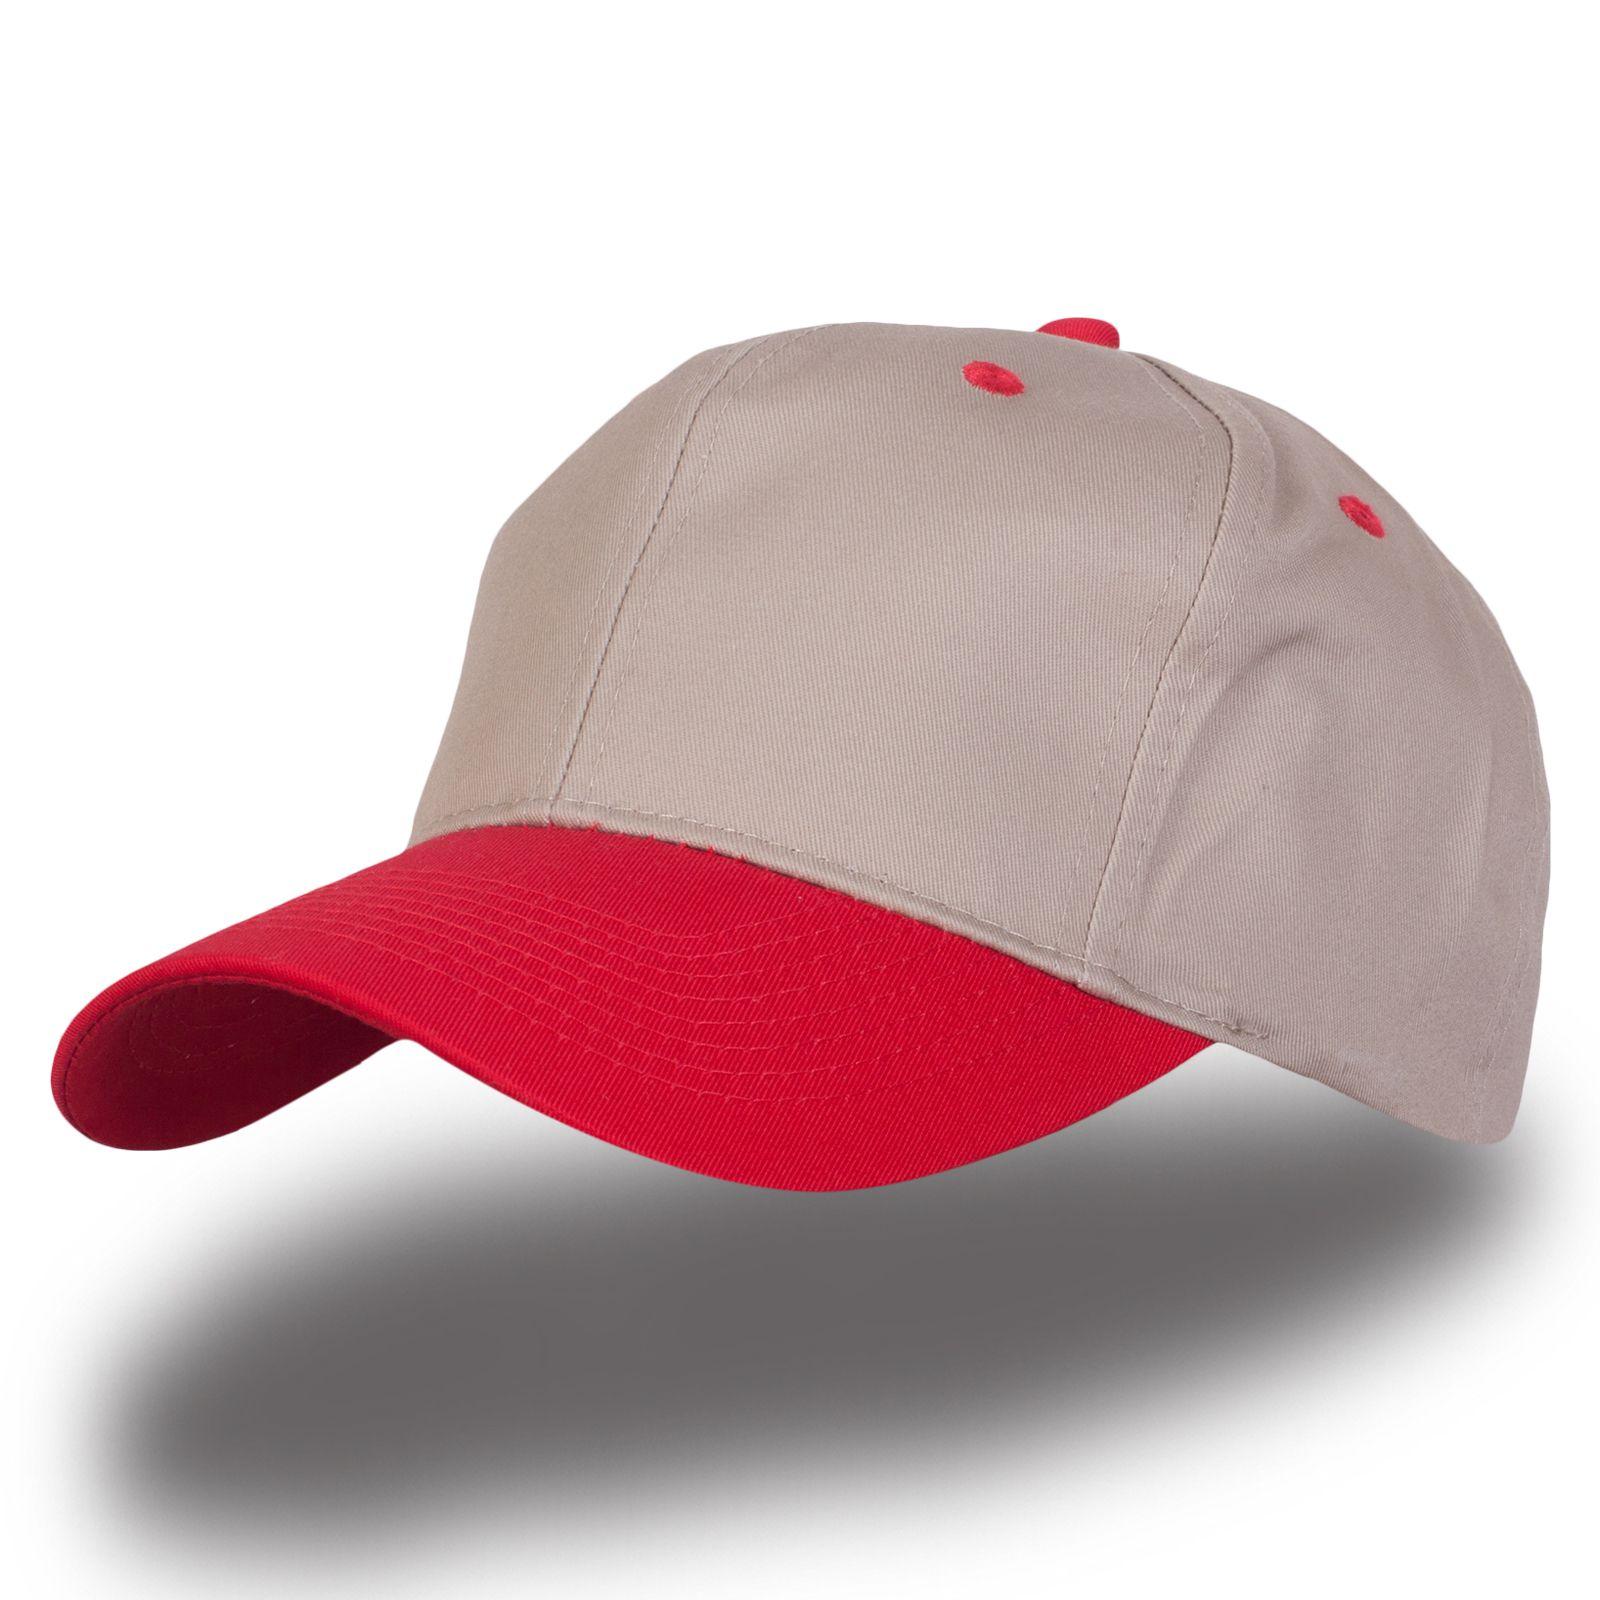 Недорогая кепка - купить в интернет-магазине с доставкой